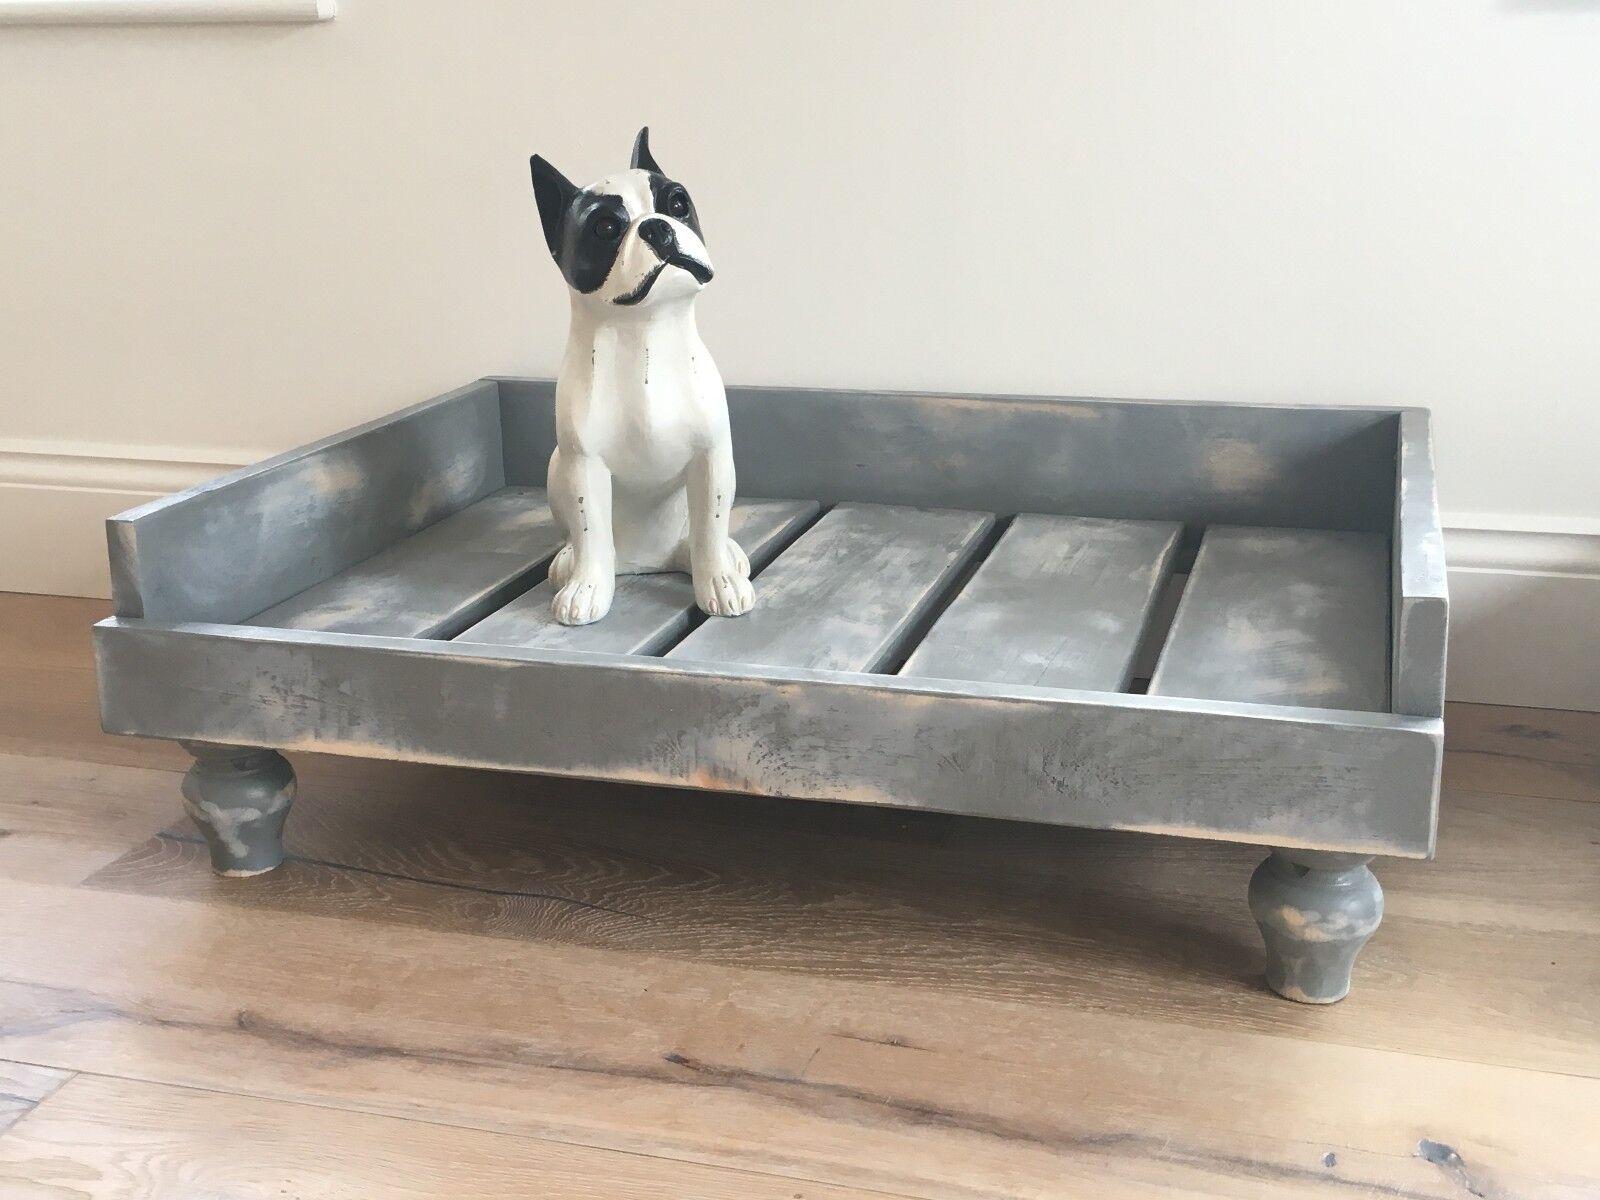 DOG BED   RAISED OFF FLOOR   ON FEET   SHABBY  C   PAINTED grau   DISTRESSED